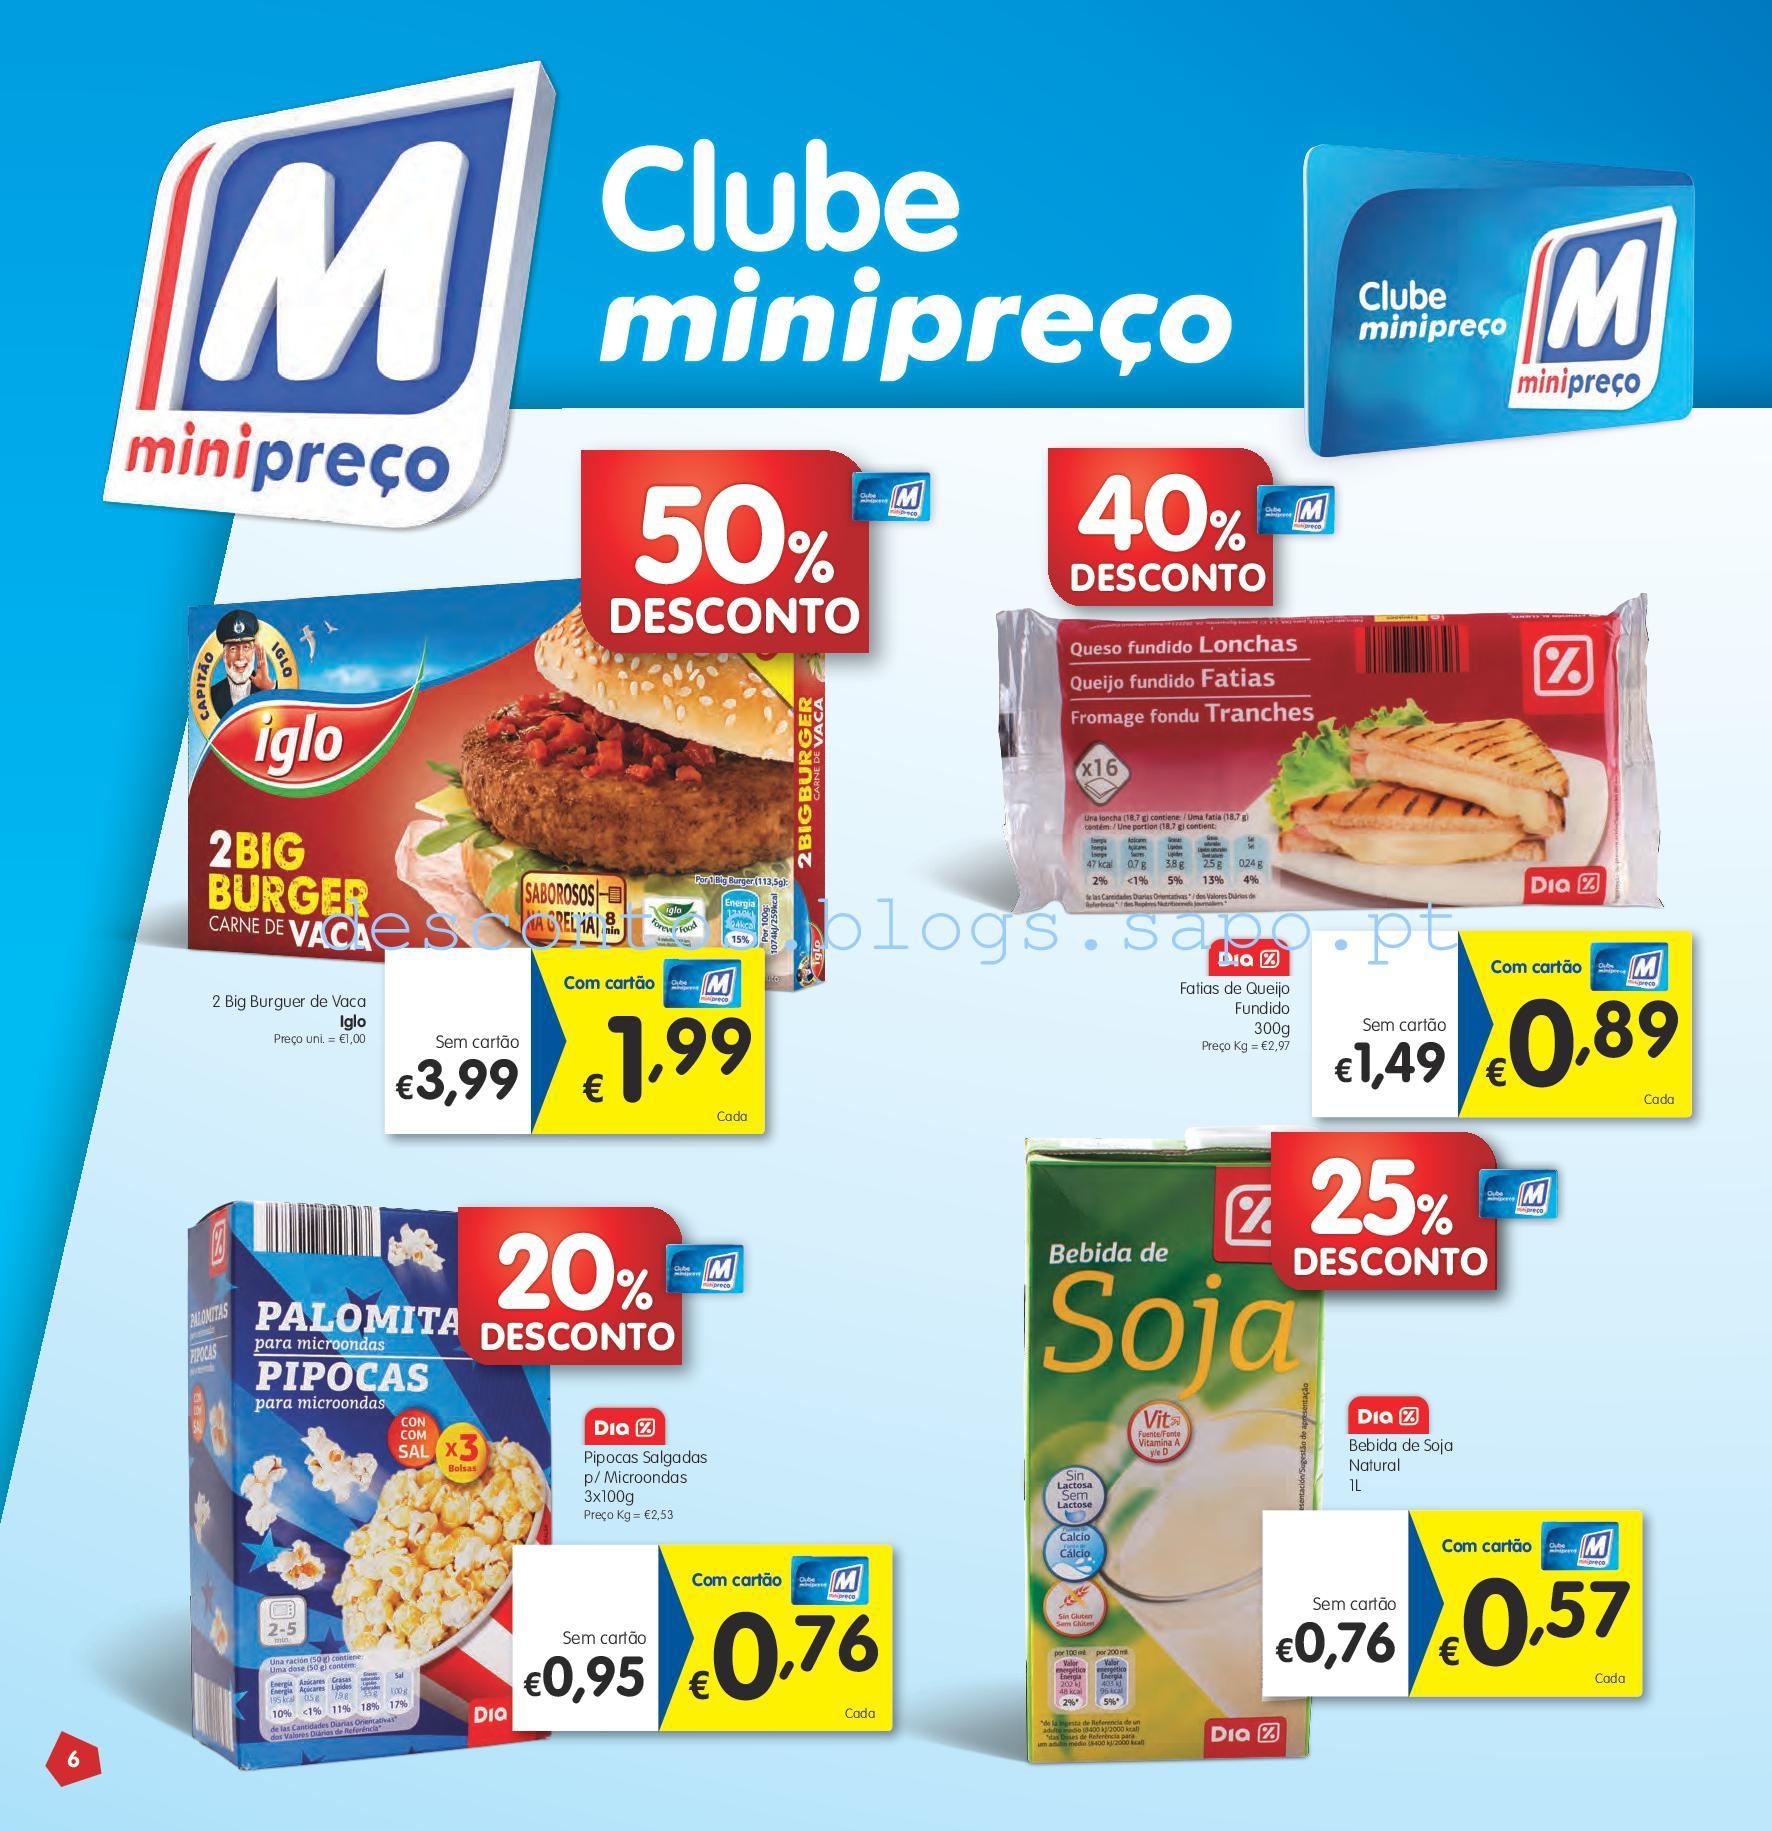 MINIPREÇO FOLHETO 16-22OUT_v2-001-006.jpg